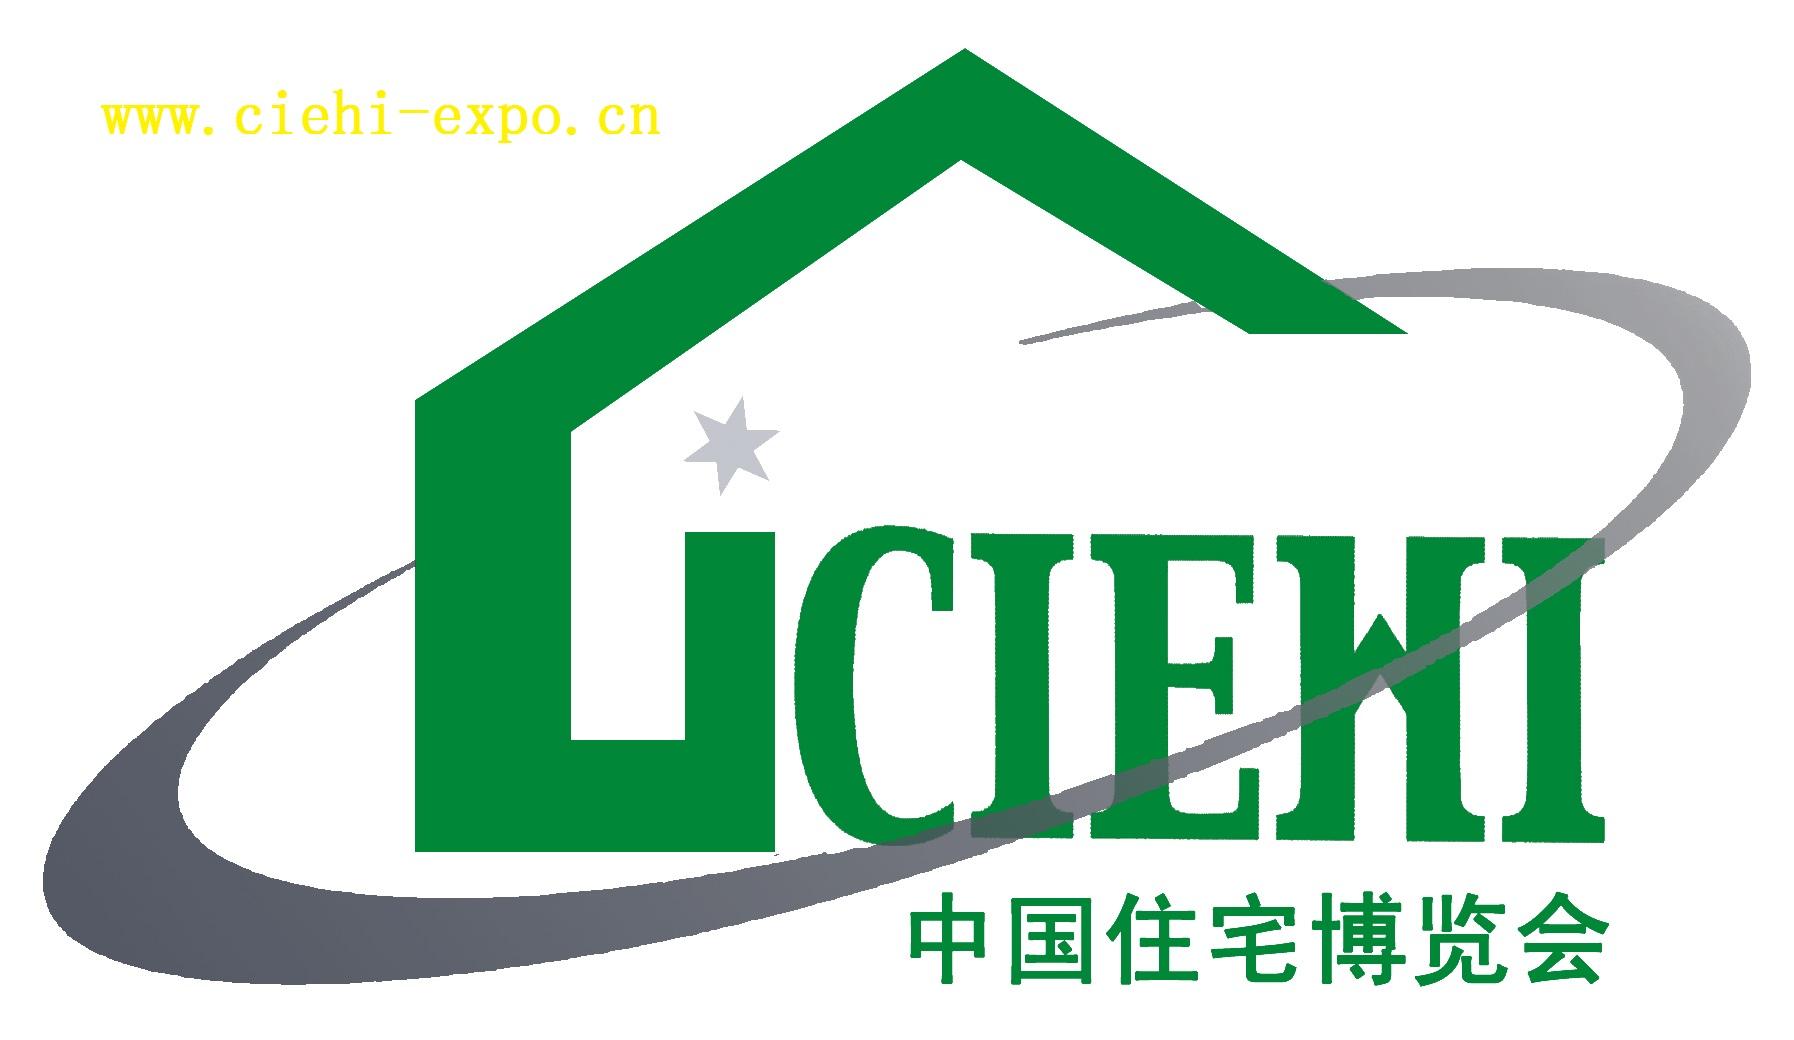 2019北京第十八届中国国际住宅产业暨建筑工业化产品与设备博览会-中国住博会